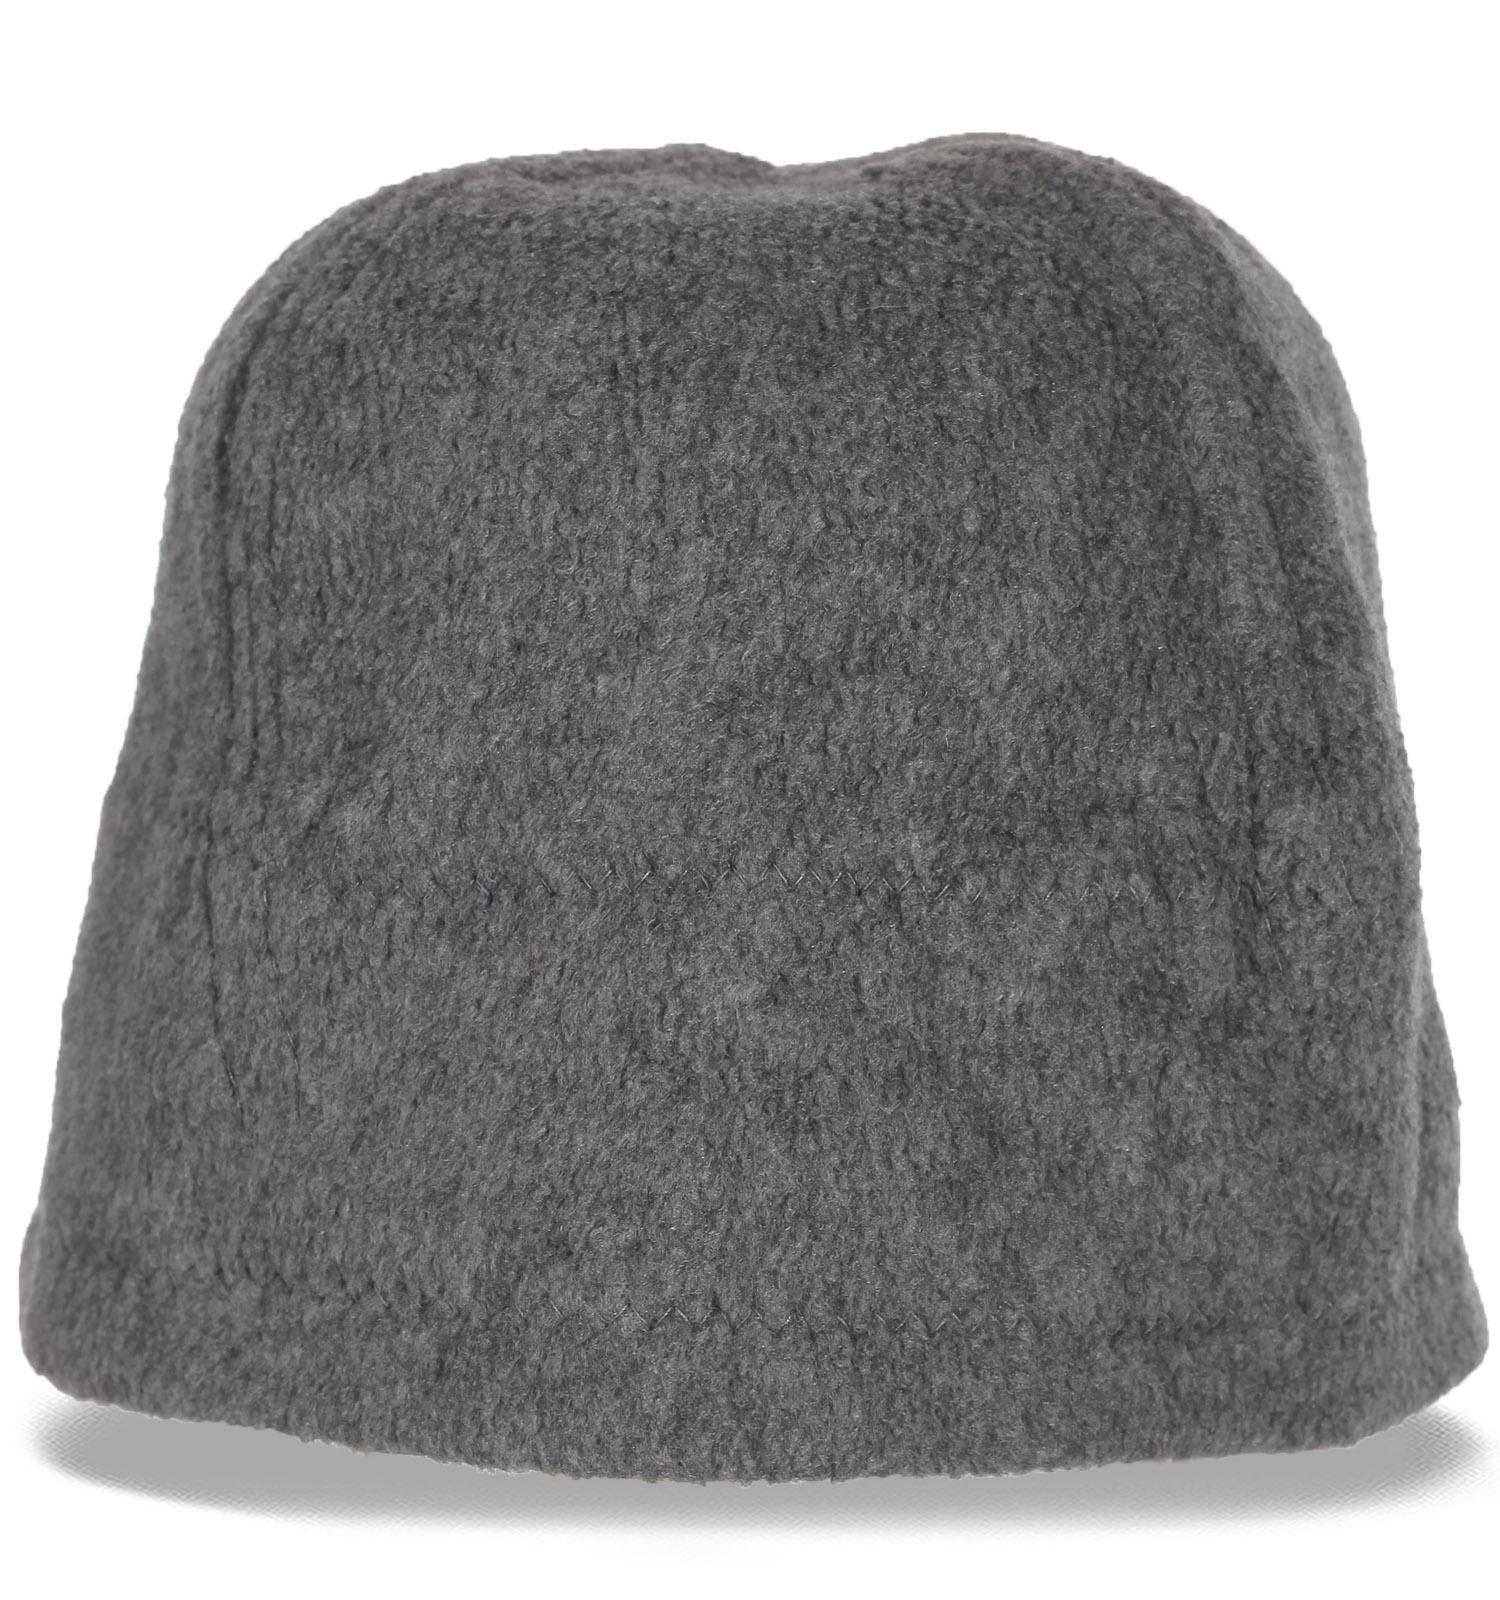 Серая мужская зимняя флисовая шапка утепленная флисом. Теперь Вам не страшна ни метель, ни ледяной ветер